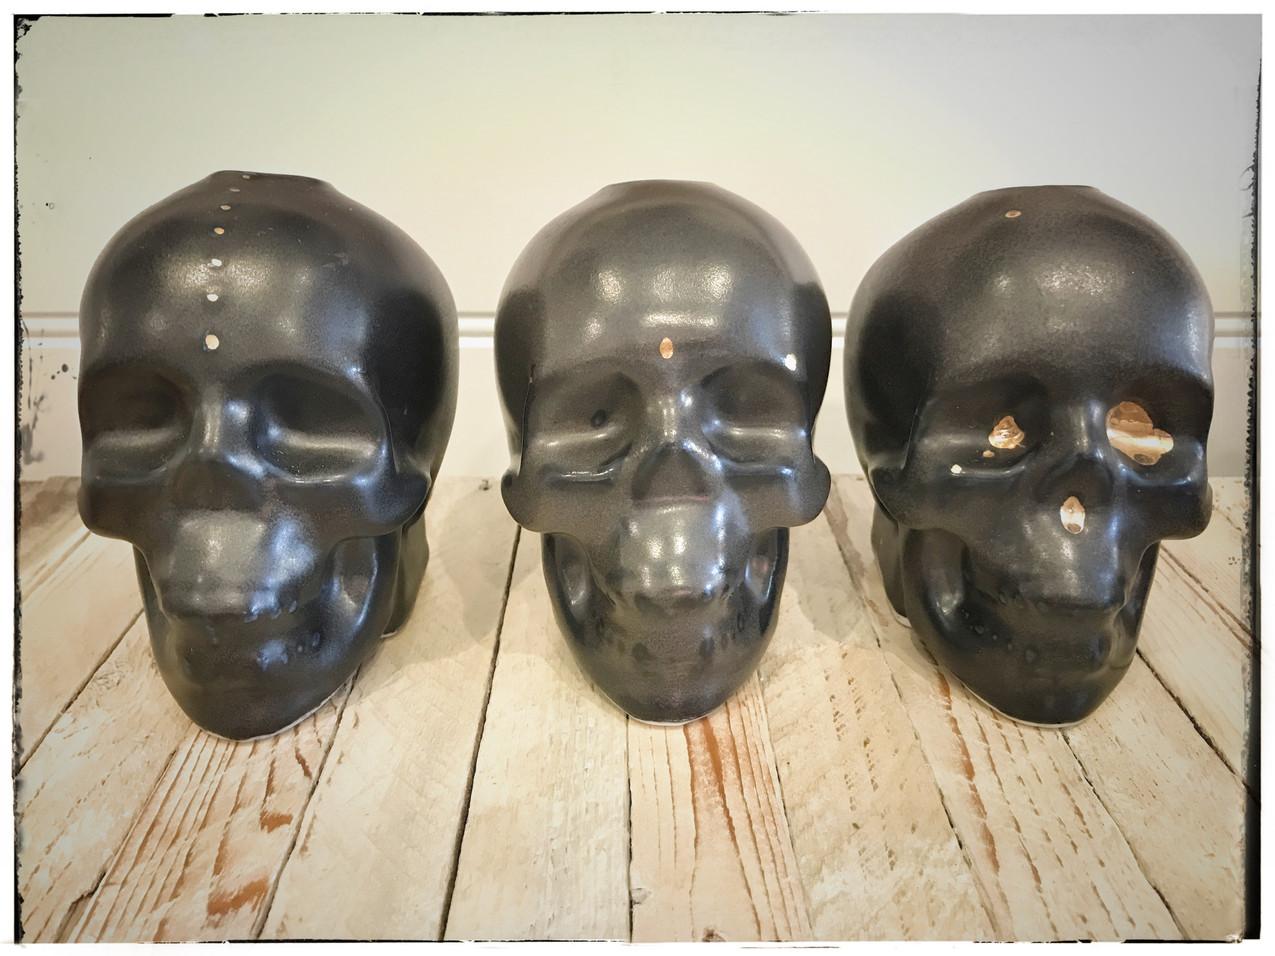 Humming Bird Ceramics Skulls